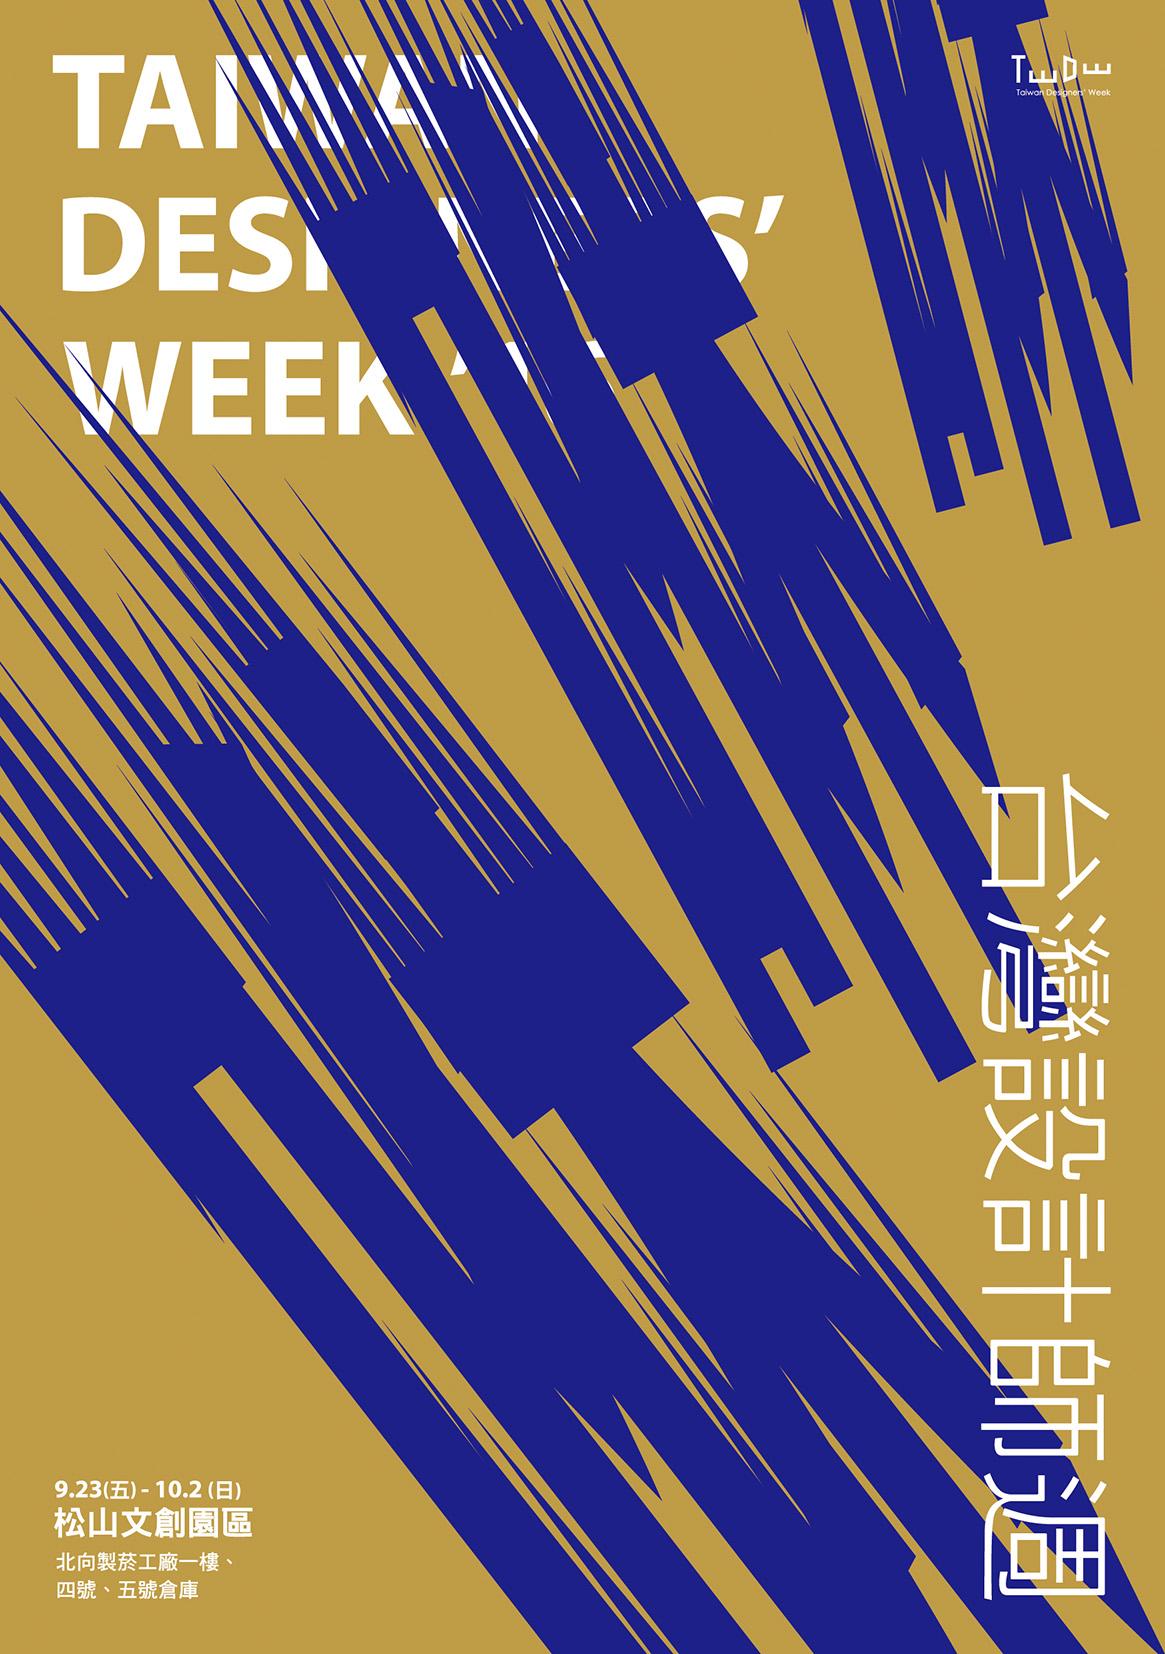 2016台灣設計師週-視覺3